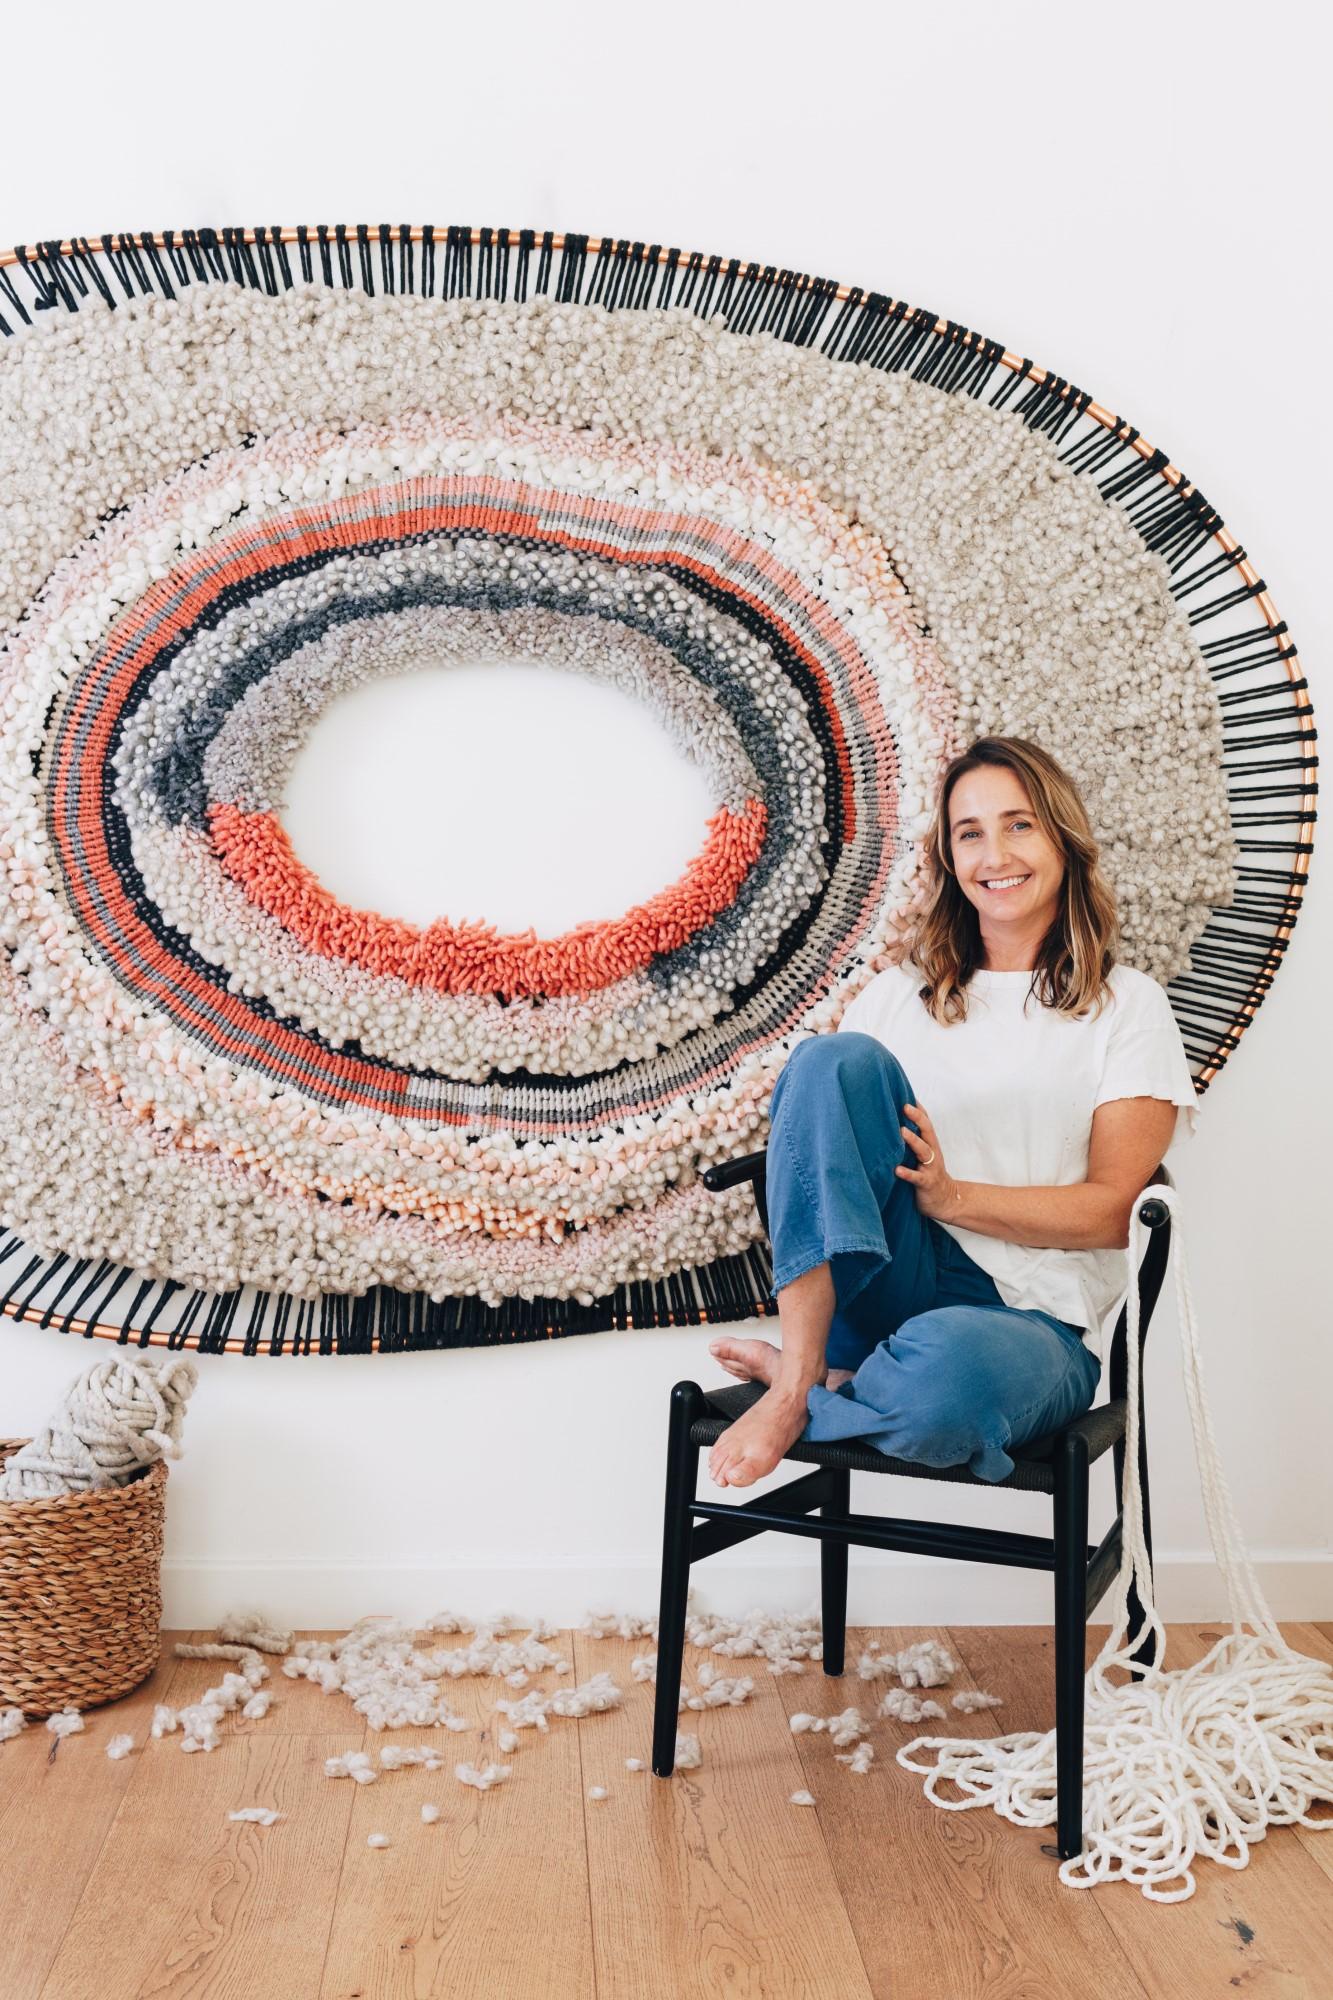 #114 Tammy Kanat: Weaving Sculptures in Australia